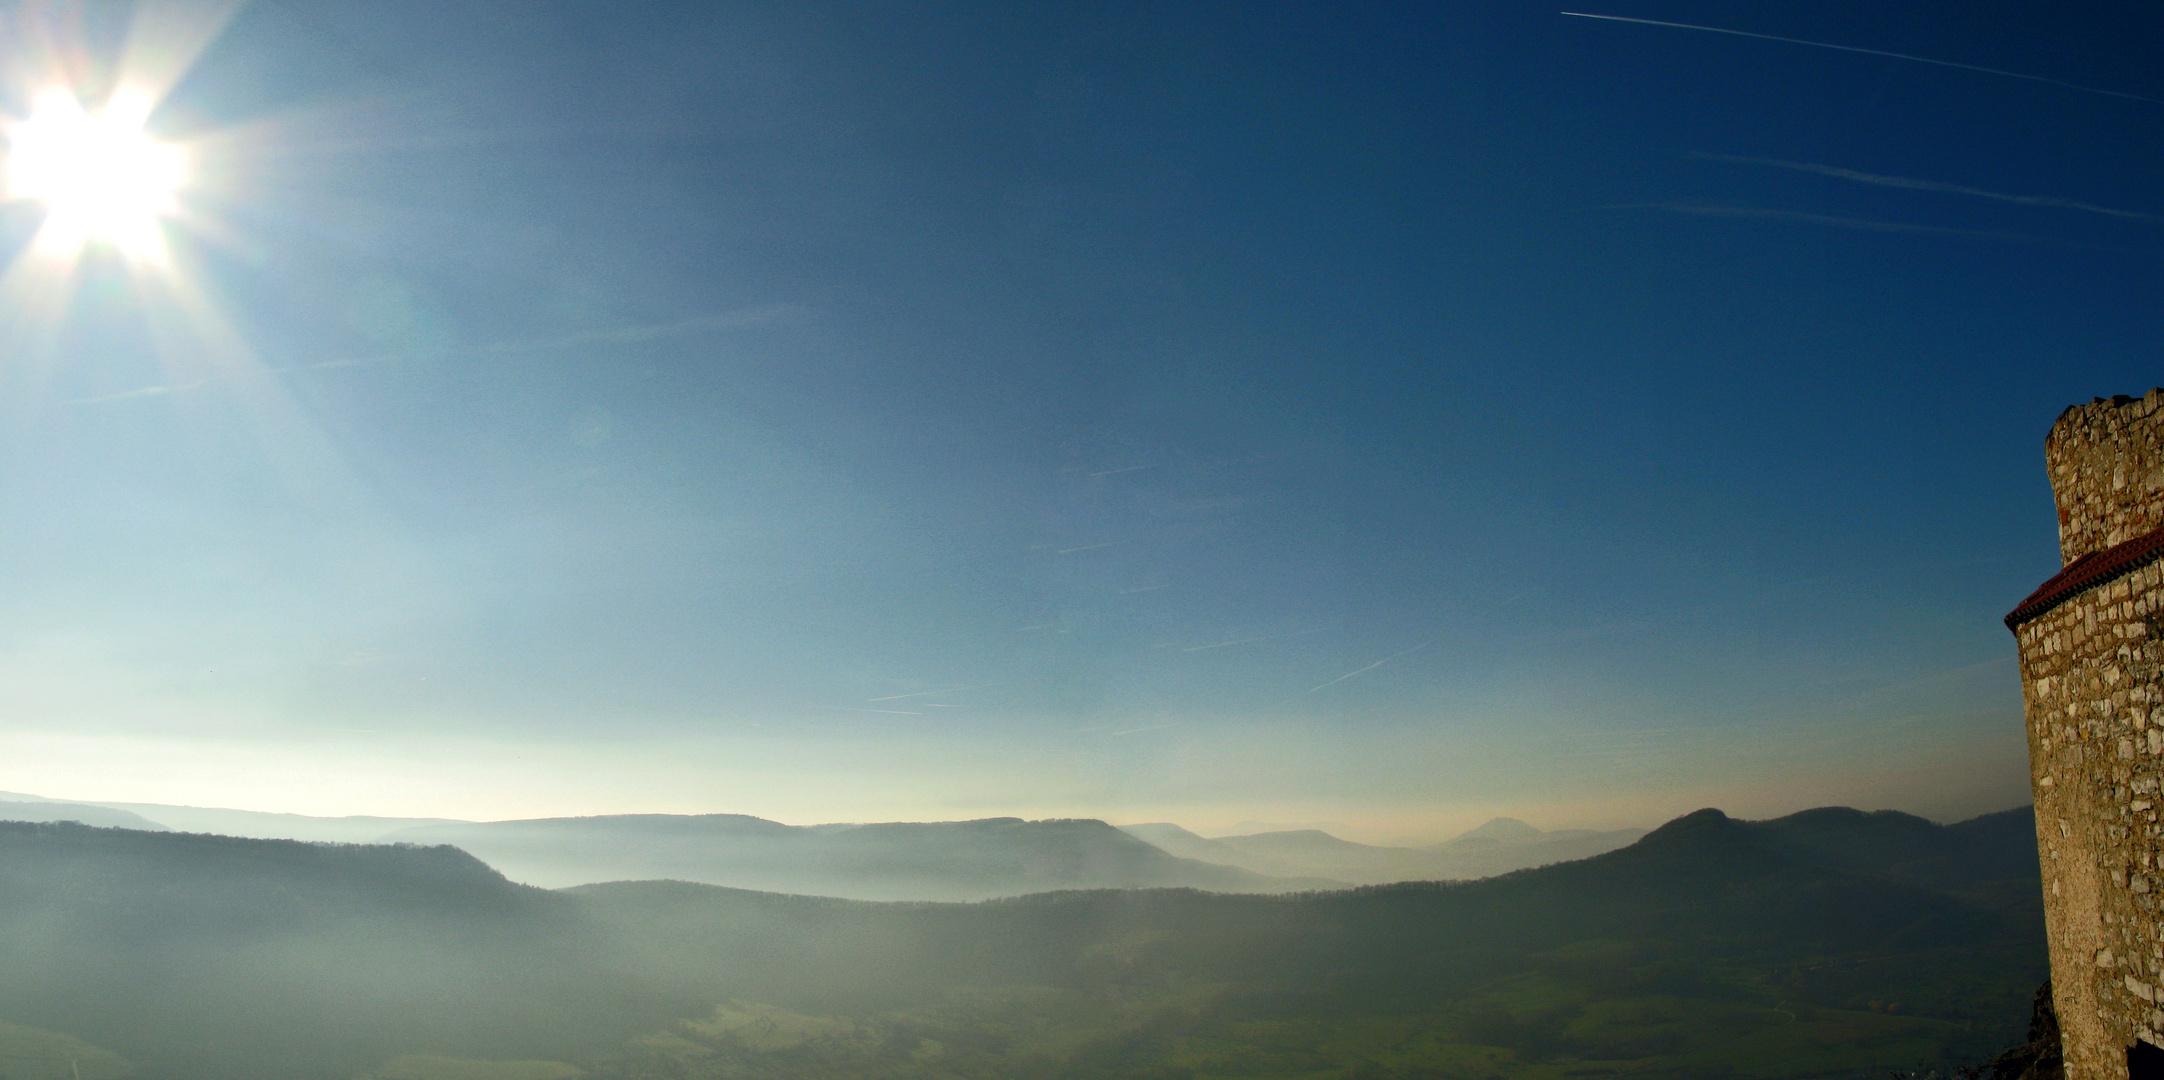 Ausblick auf Bergkette